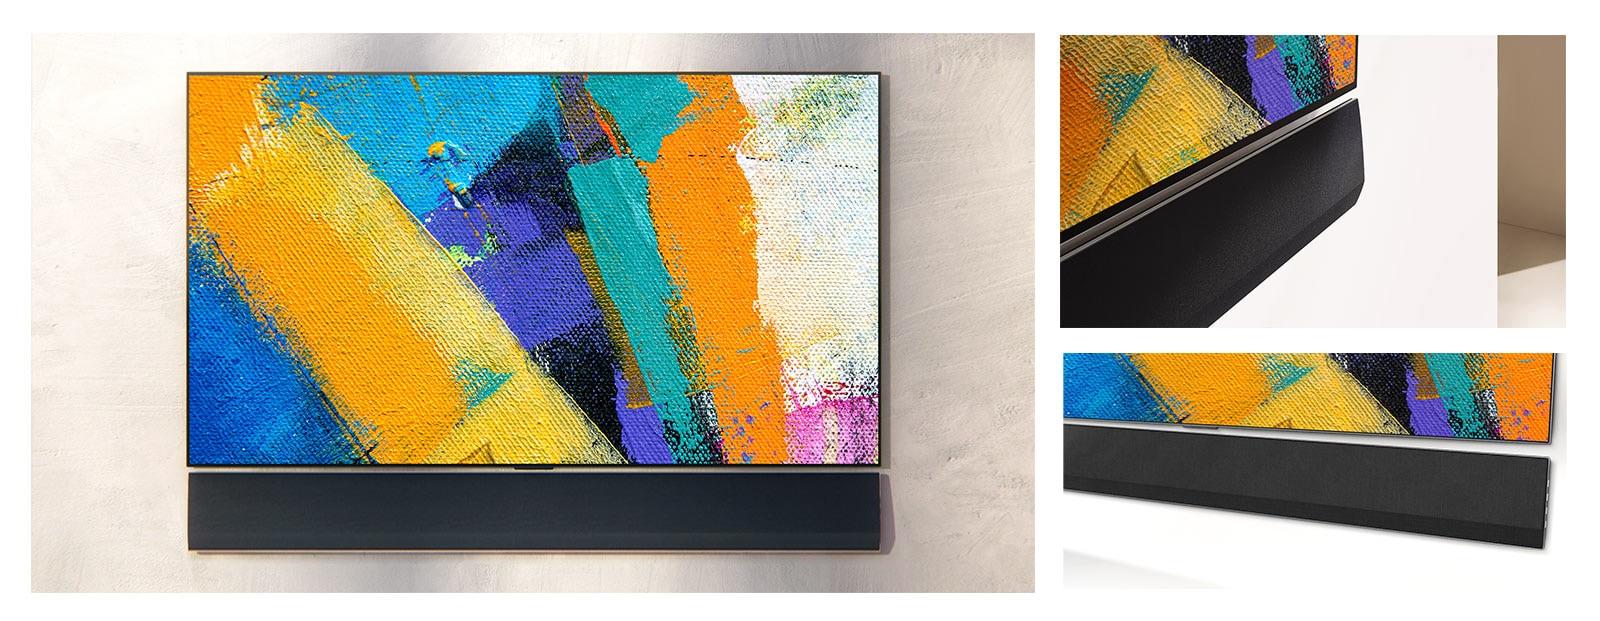 La LG Soundbar e il TV LG sono montati a parete e mostrati da tre angolazioni. Lo schermo televisivo mostra diversi colori di vernice.